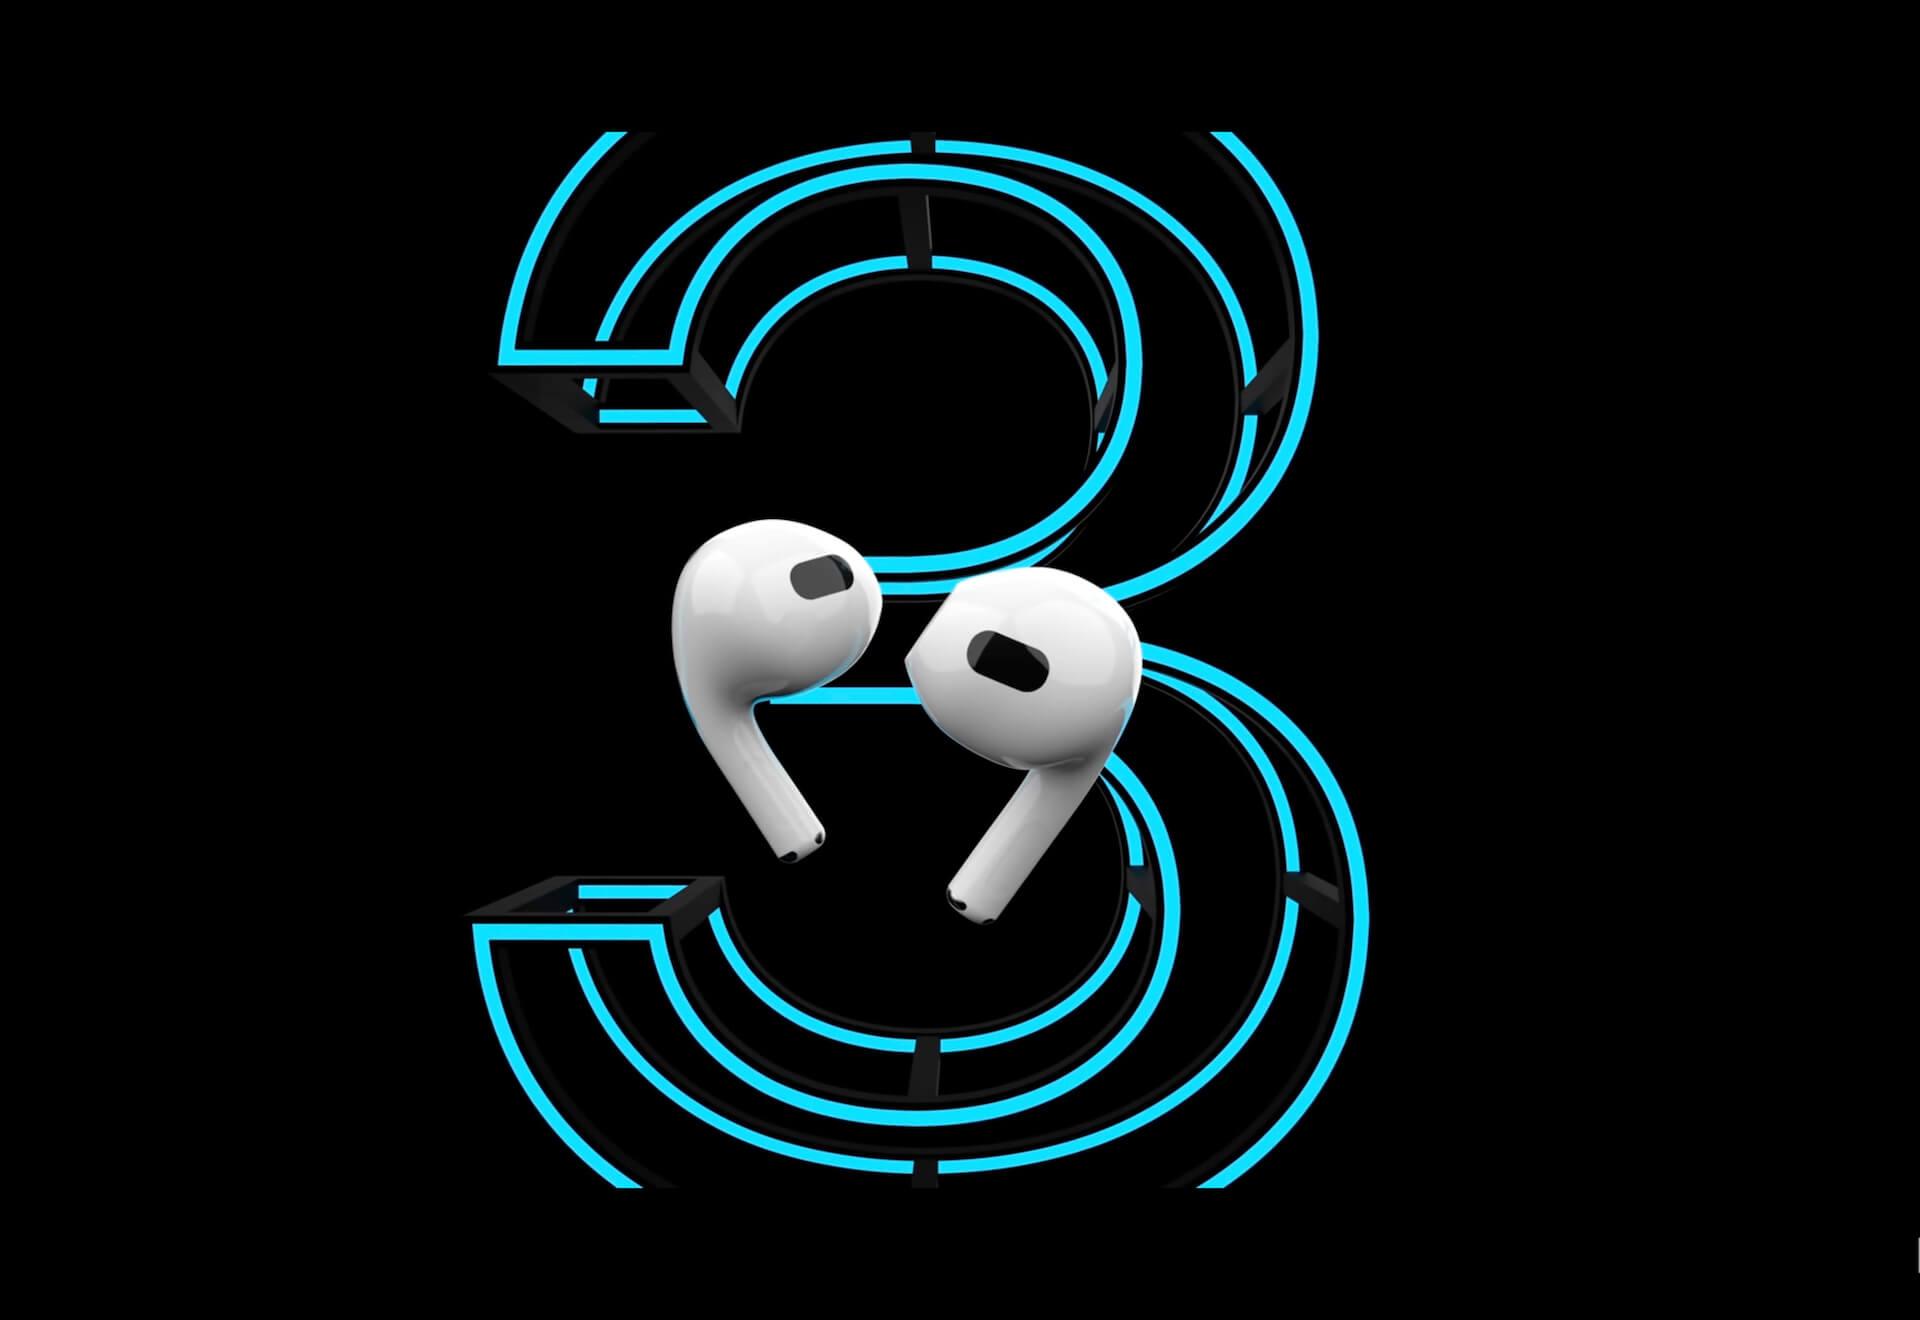 第3世代AirPods、3月中の発表はなし?23日の新製品発表イベント開催も実現しない可能性 tech210317_airpods3_main